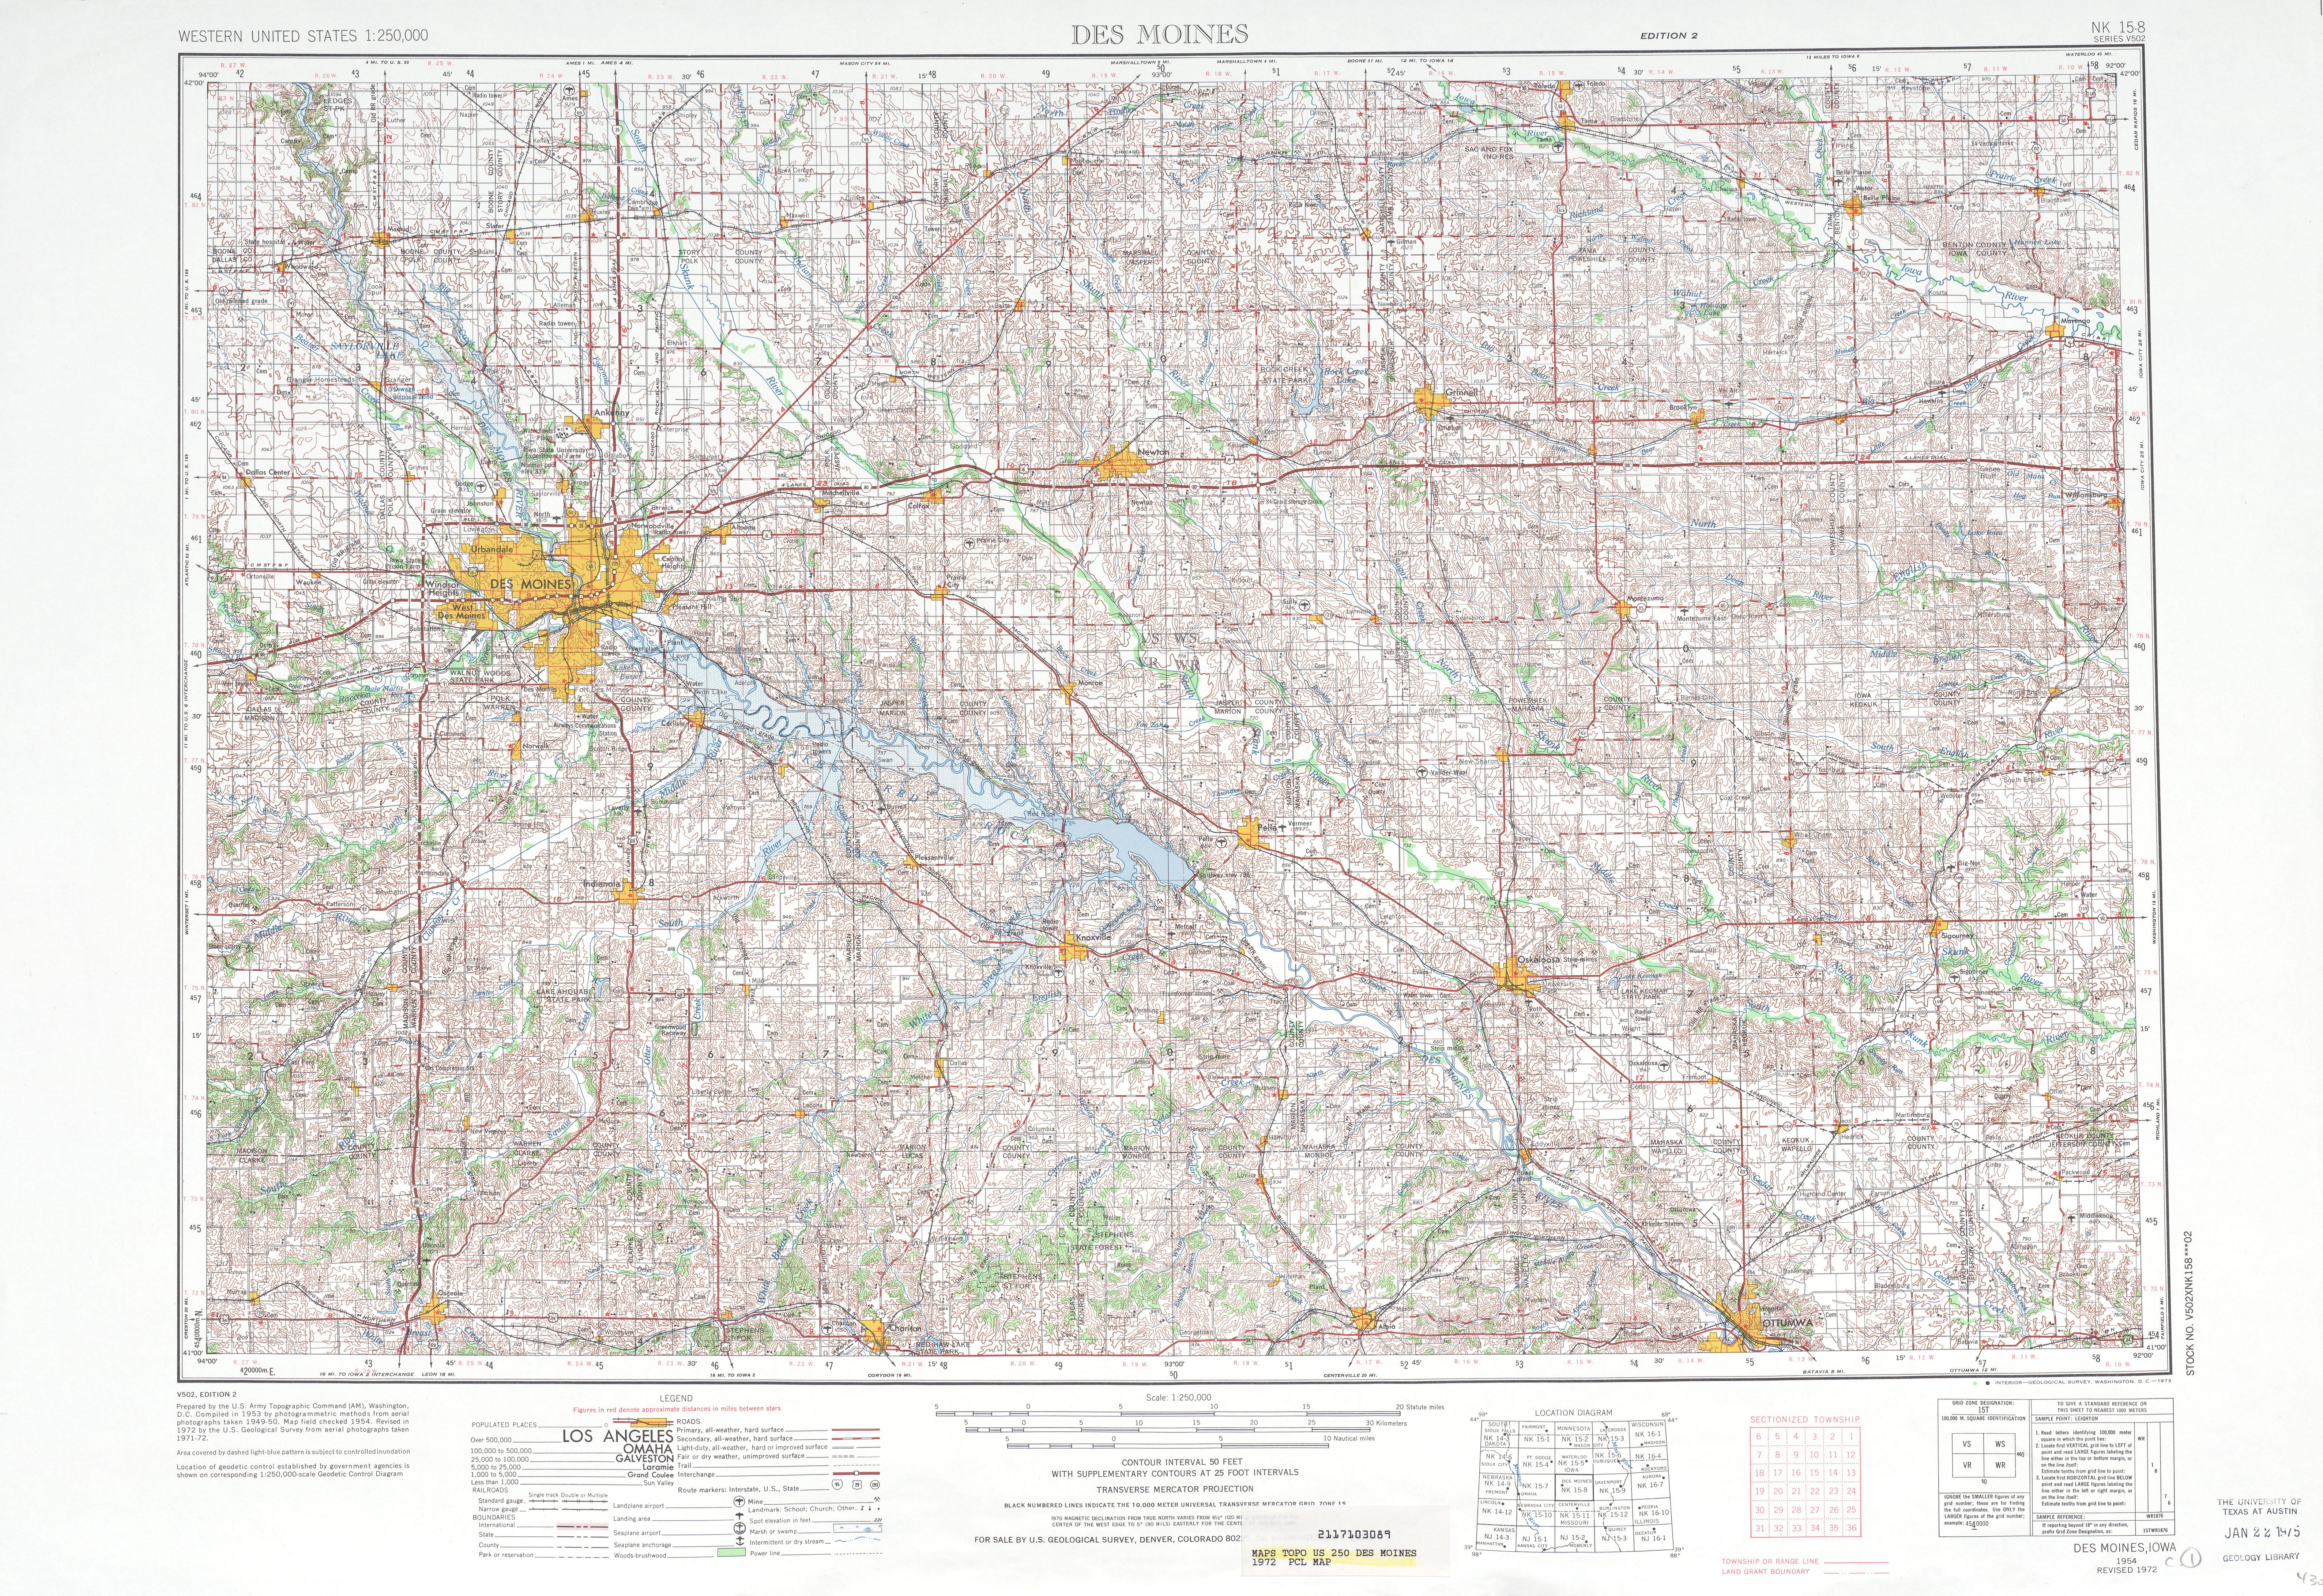 Hoja Des Moines del Mapa Topográfico de los Estados Unidos 1972